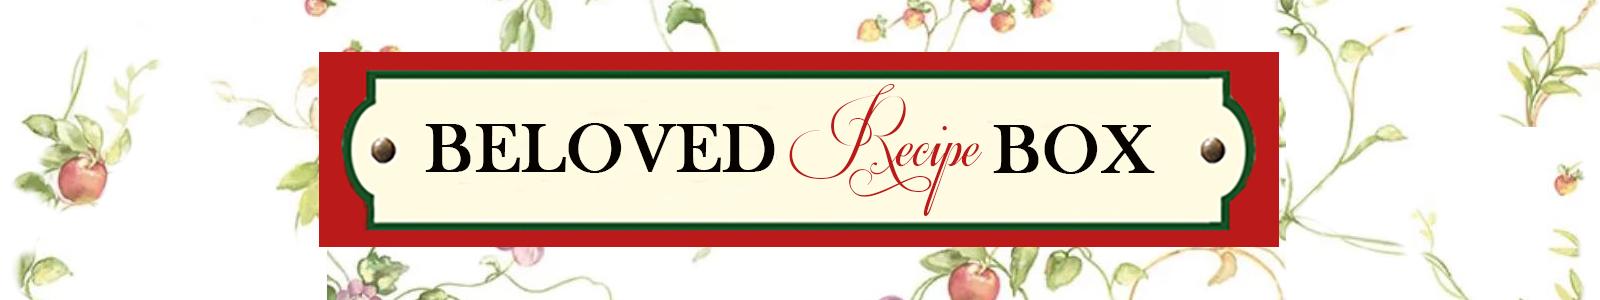 Beloved Recipe Box